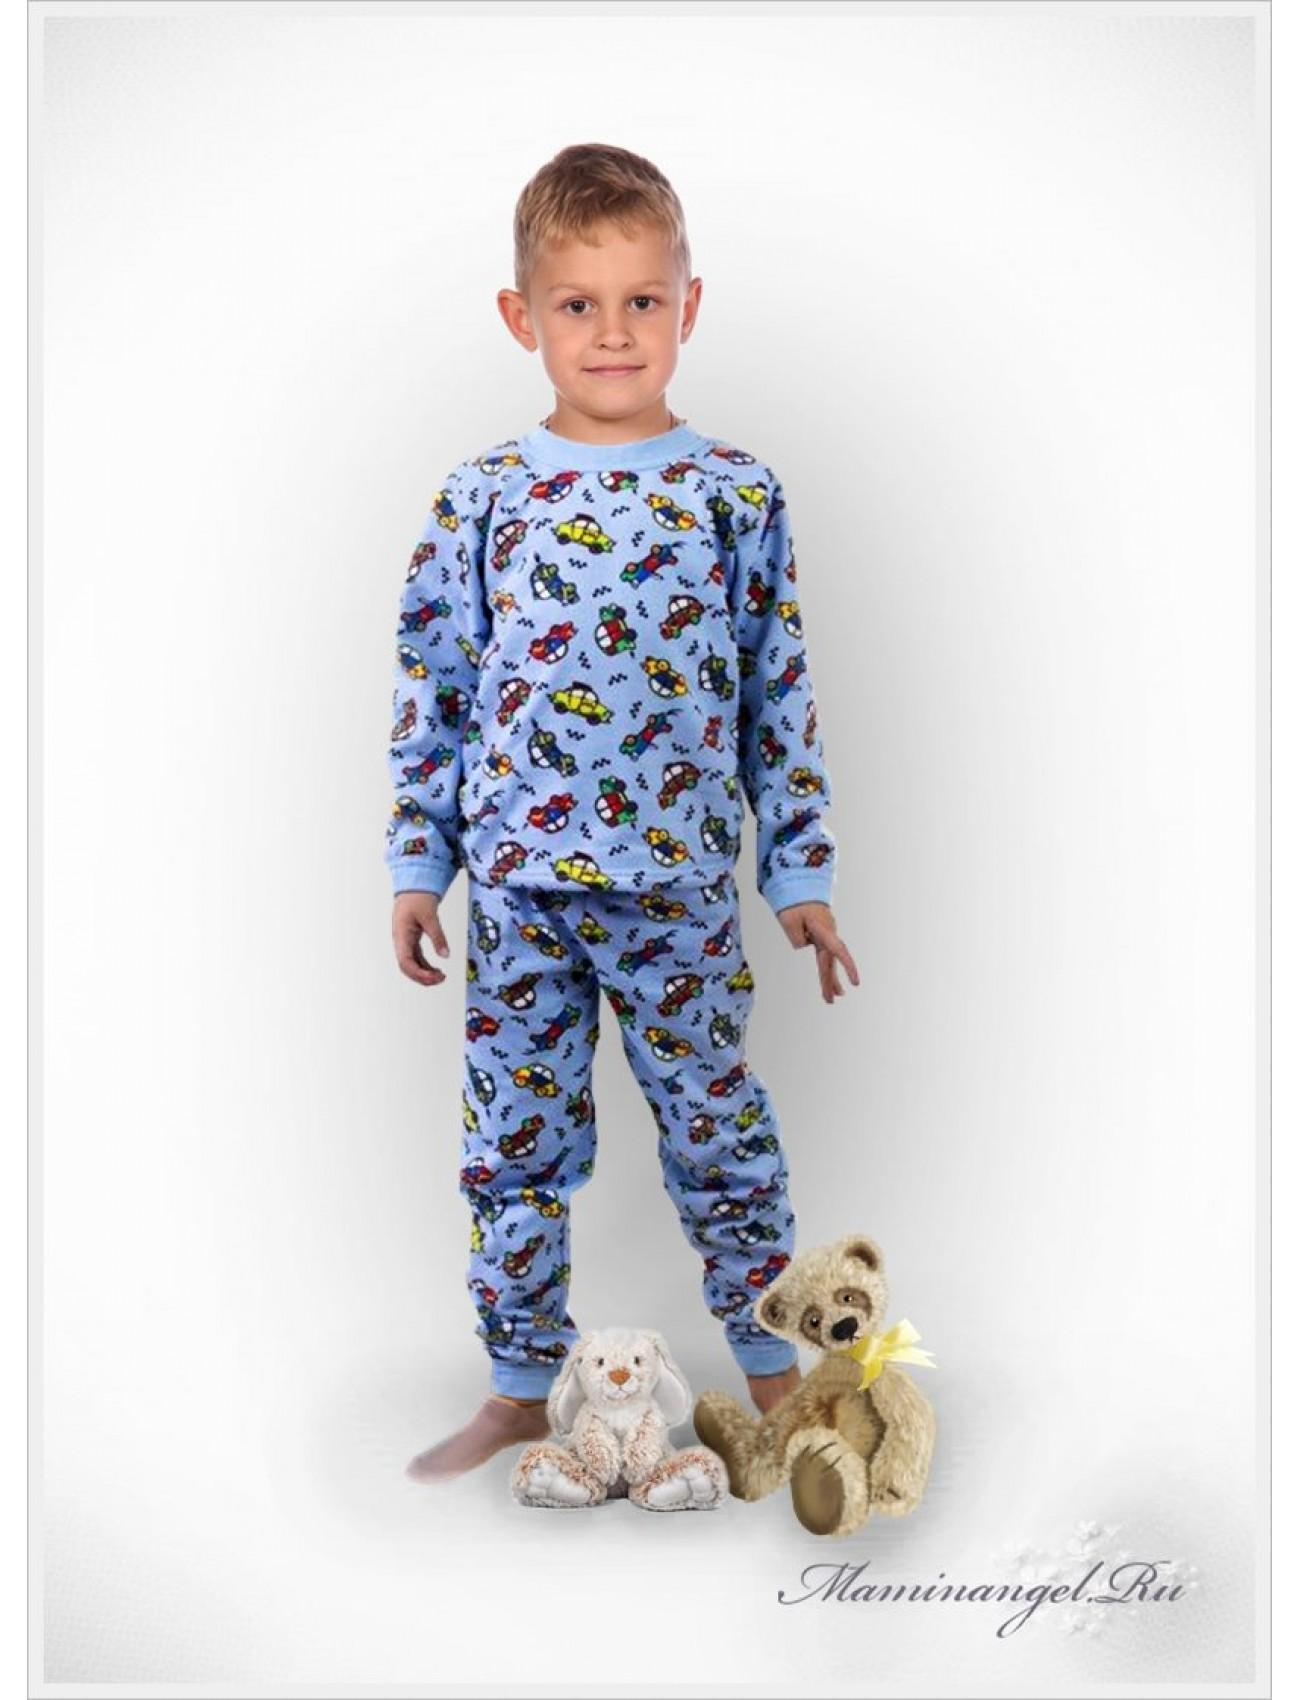 Пижама 225 руб.